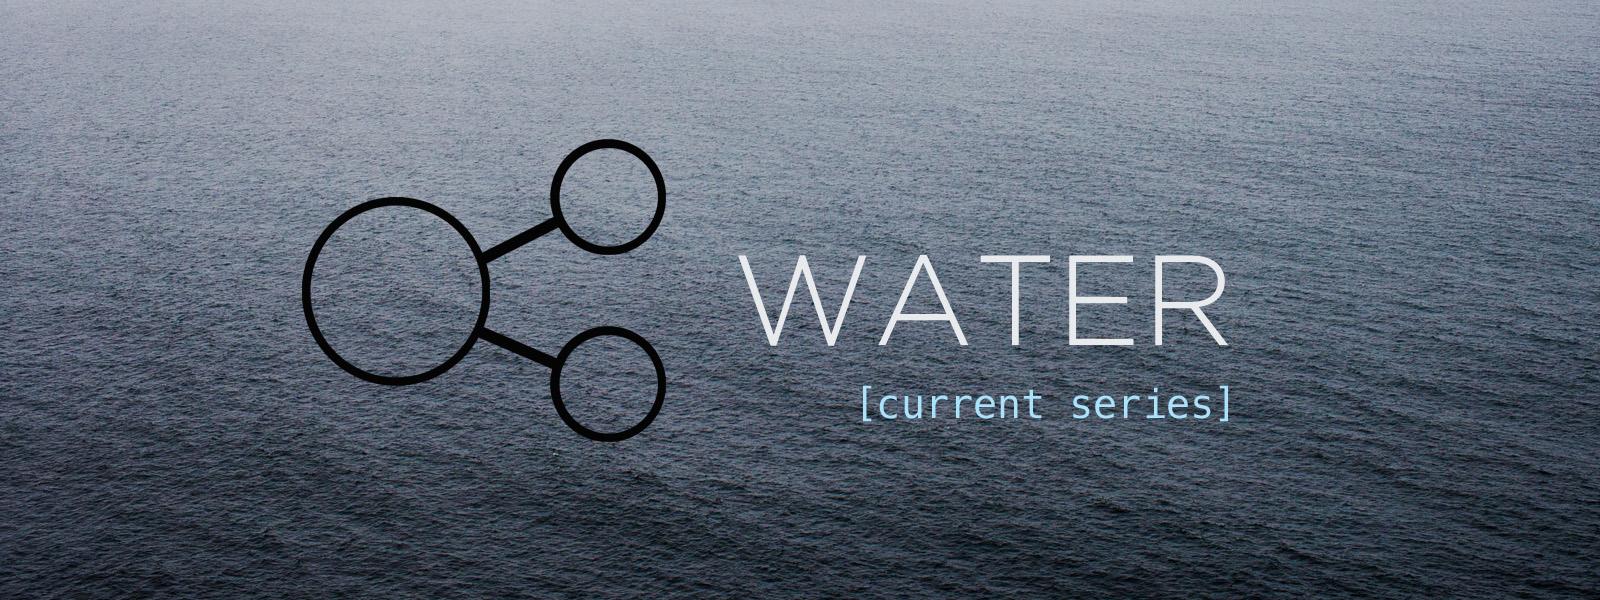 Water_Slider2